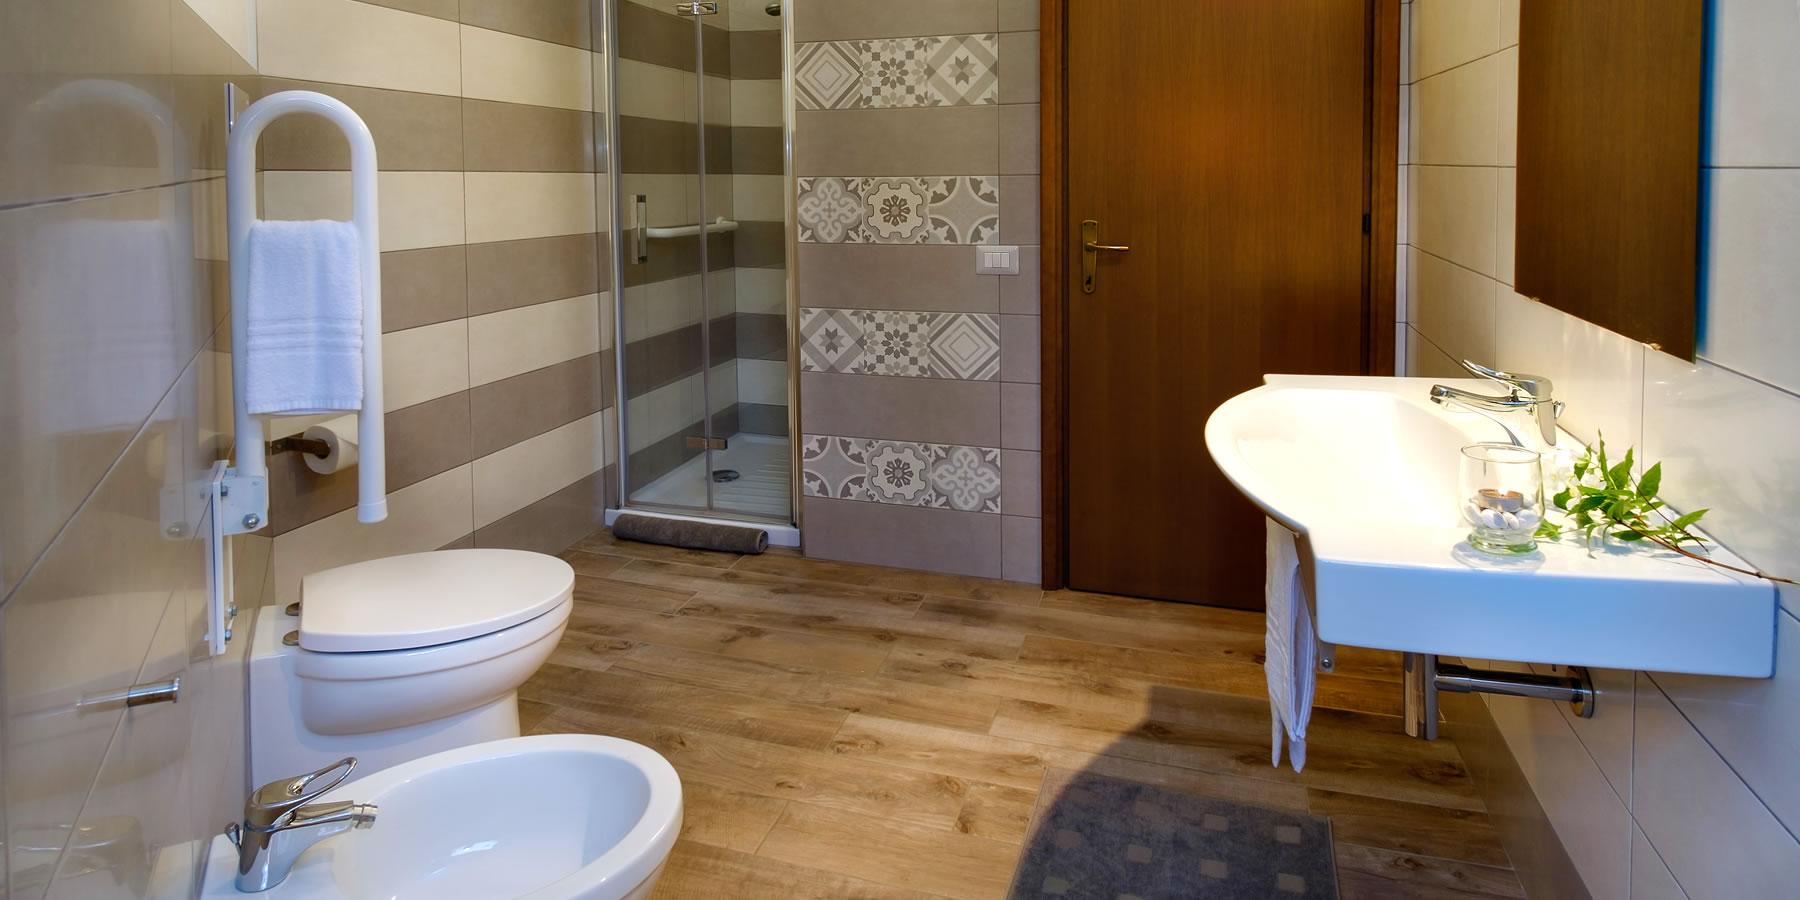 Two-room apartment Appartamenti Caffarena